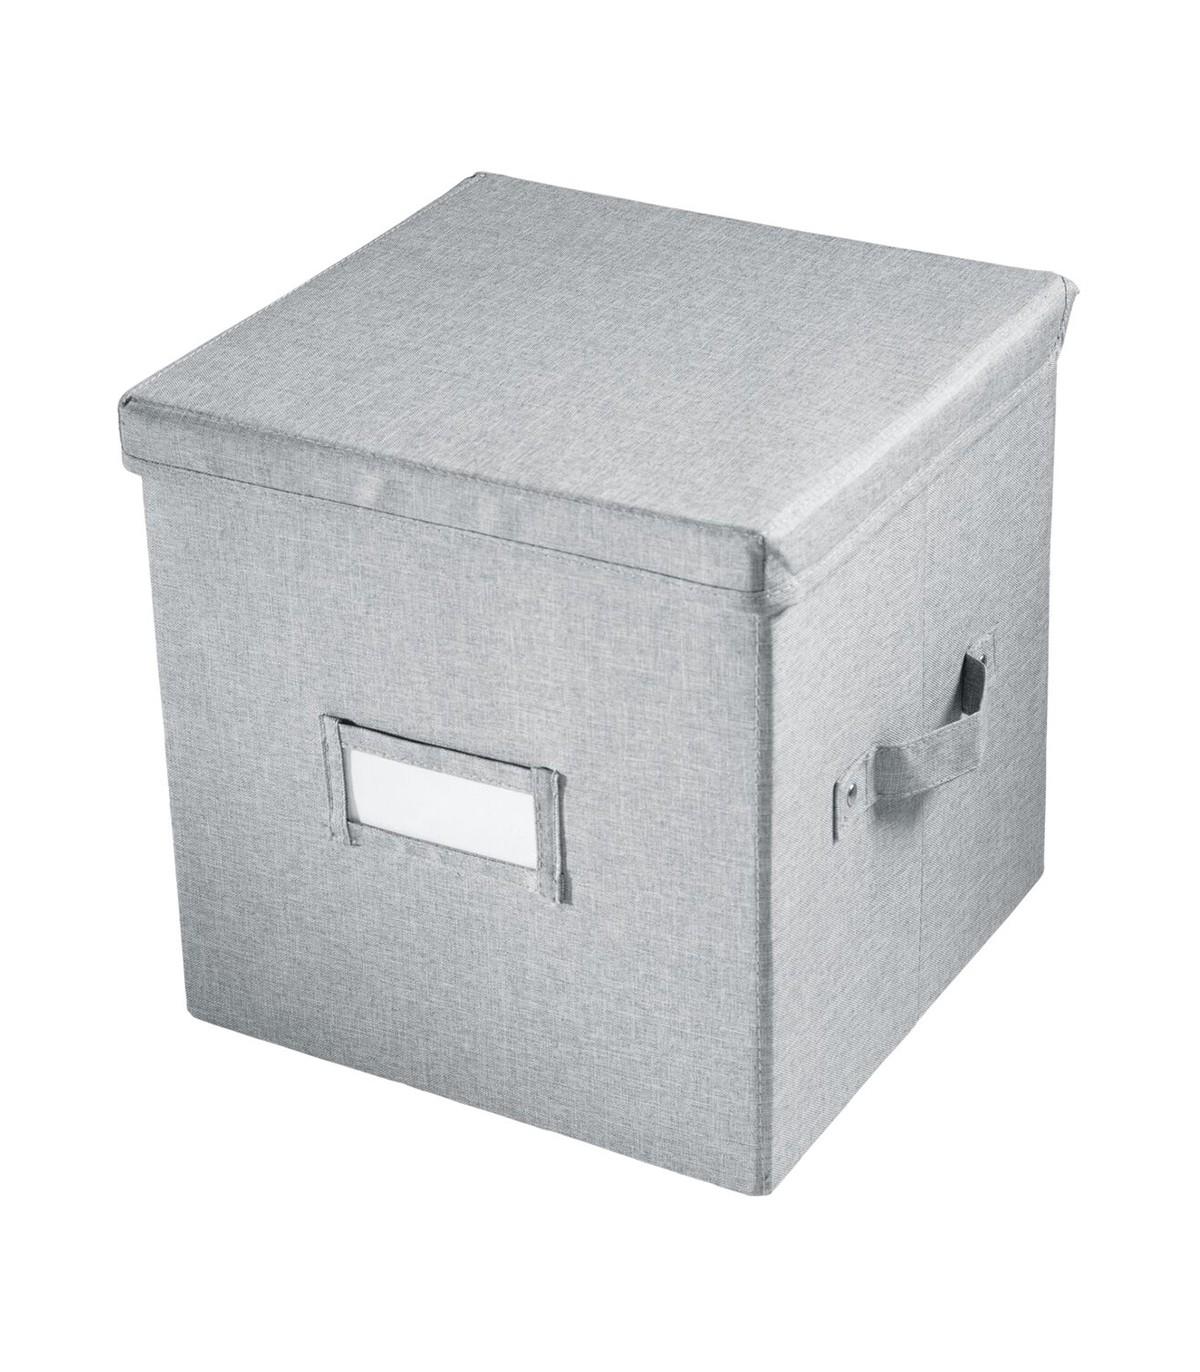 Cube de rangement gris avec couvercle - 29 x 29 x H33cm